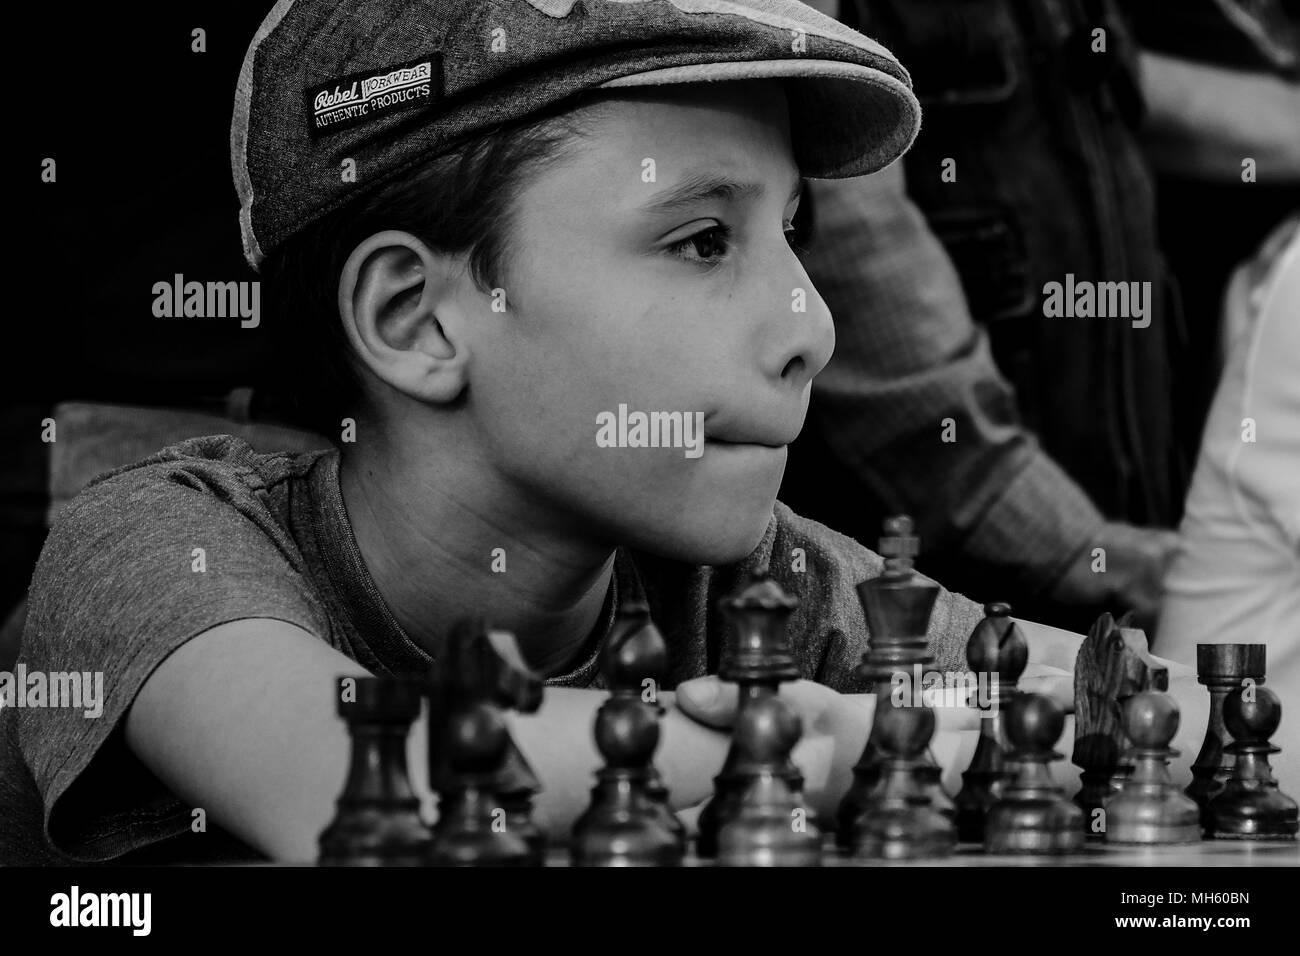 Jérusalem, Israël. 30 avril, 2018. Les jeunes joueurs d'attendre l'ouverture d'une partie d'échecs Anatoly Karpov Ievguenievitch contre l'une ou l'autre, 66, grand maître d'échecs russe ou 'Viswanathan Anand Vishy', 49 ans, grand maître d'échecs Indiens, sur le point de jouer aux échecs contre des dizaines de jeunes Israéliens champions simultanément à la porte de Jaffa dans le cadre de la 70e commémorations de l'indépendance. Credit: Alon Nir/Alamy Live News Banque D'Images